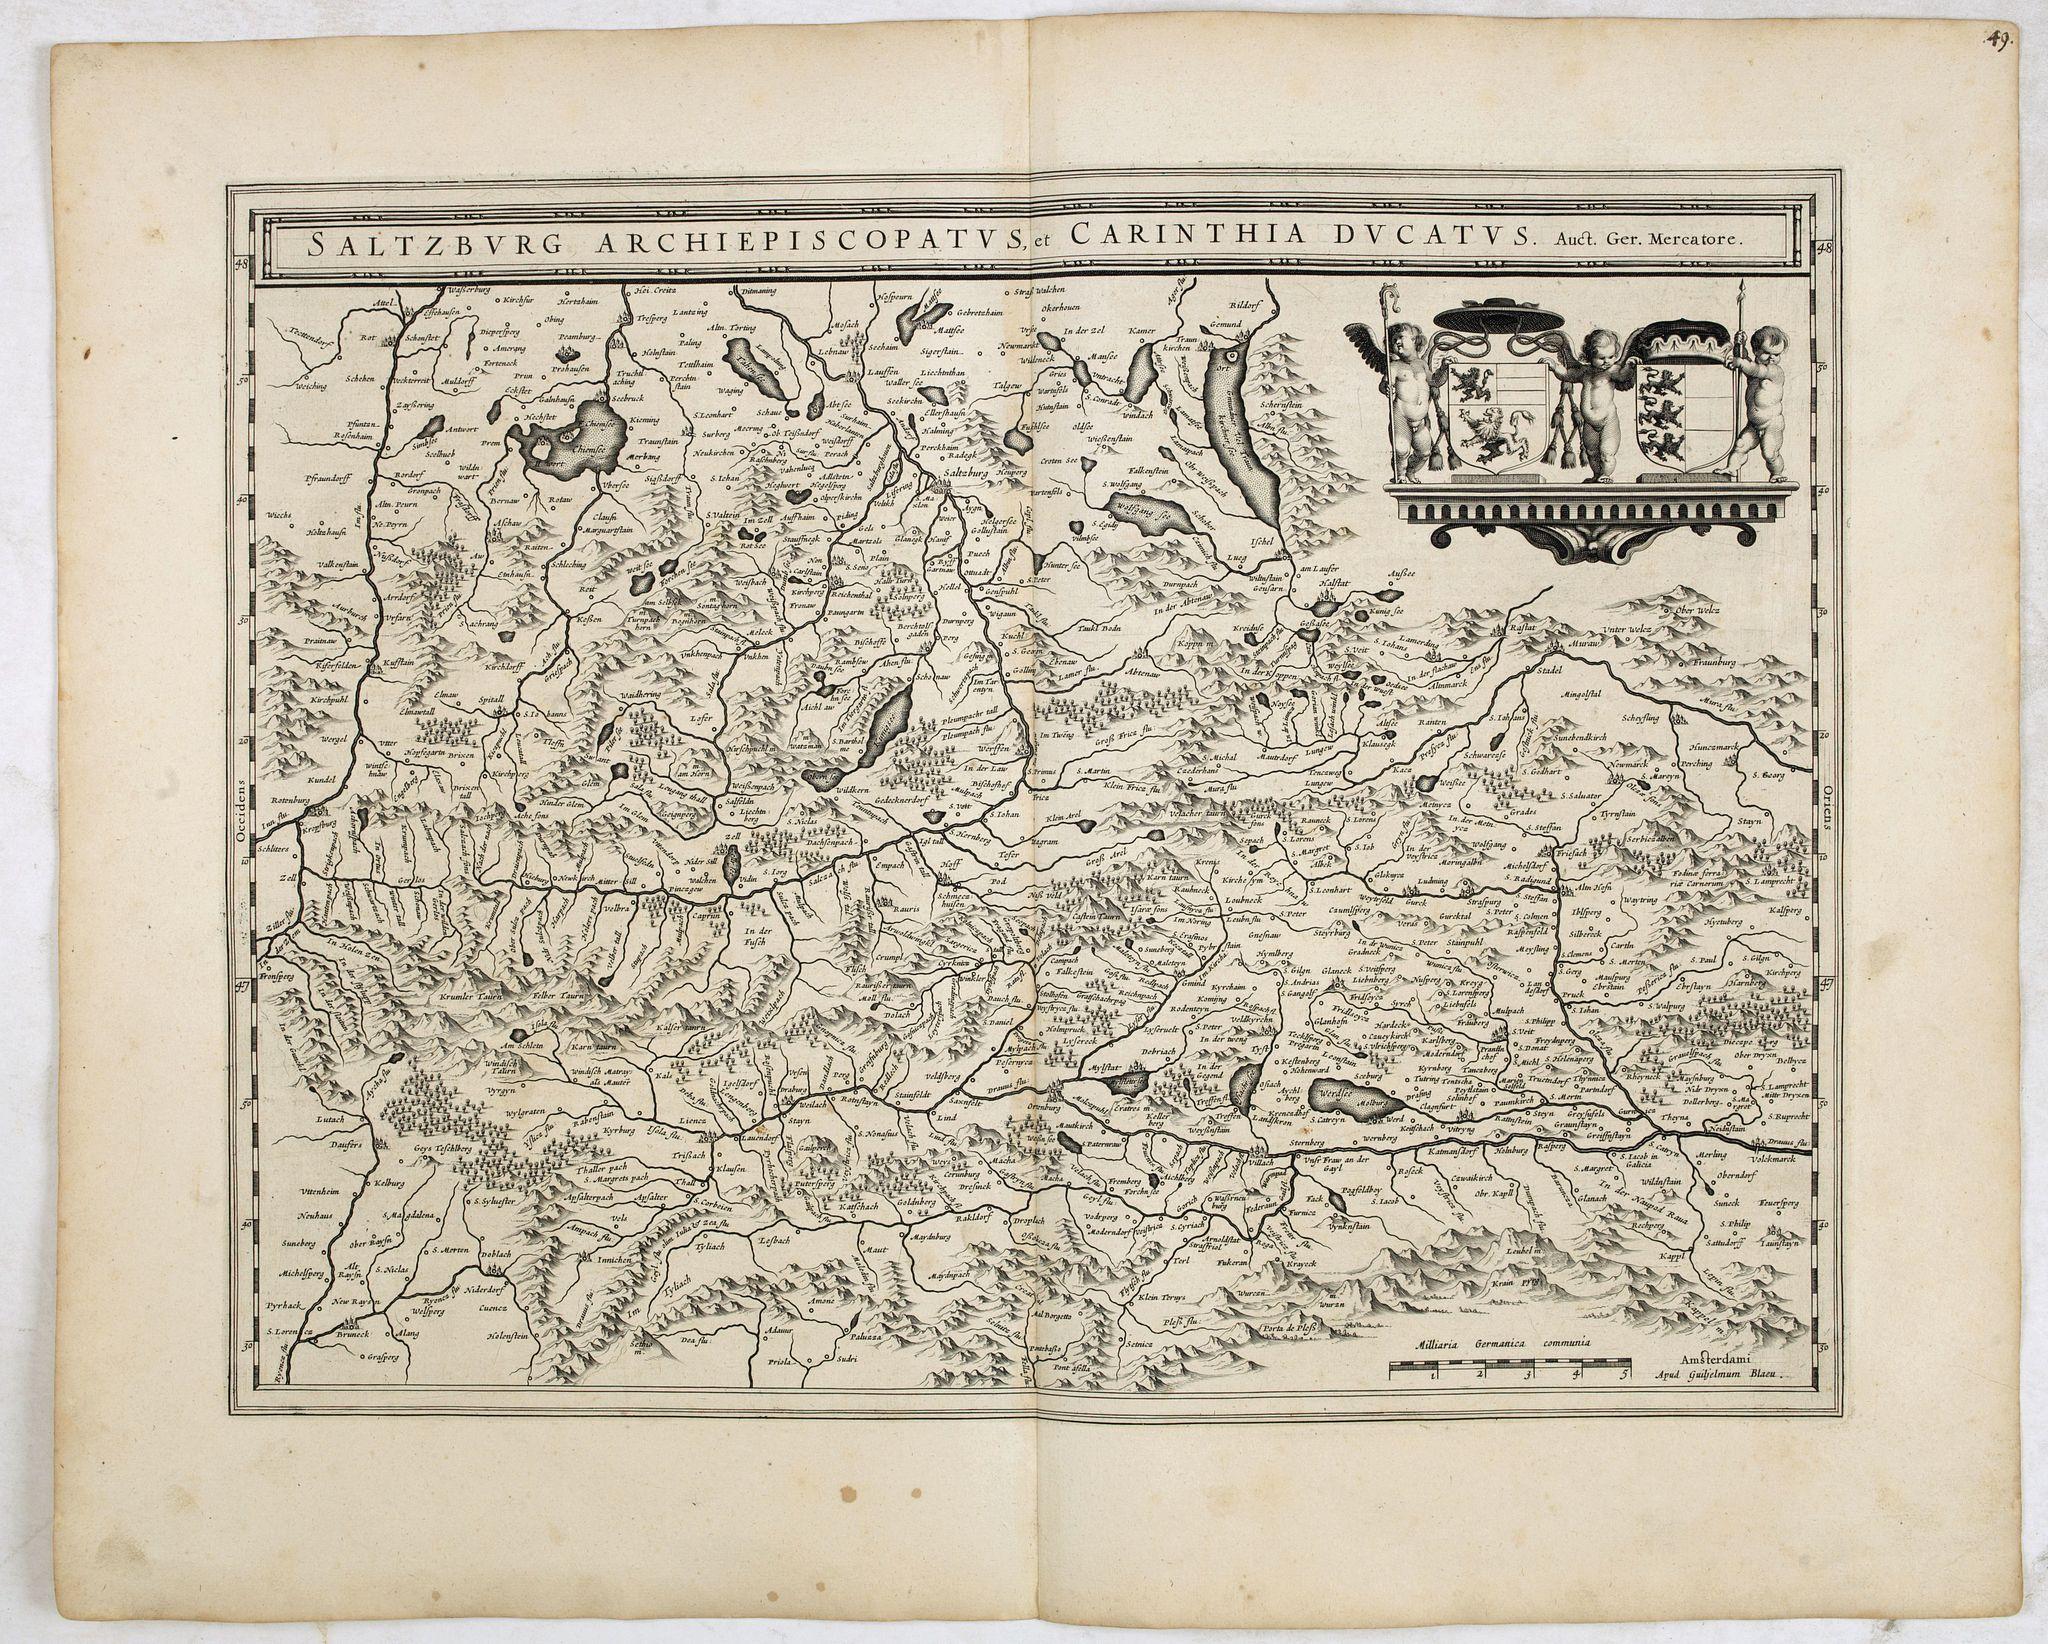 BLAEU, W. -  Saltzburg Archiepiscopatus, et Carinthia Ducatus